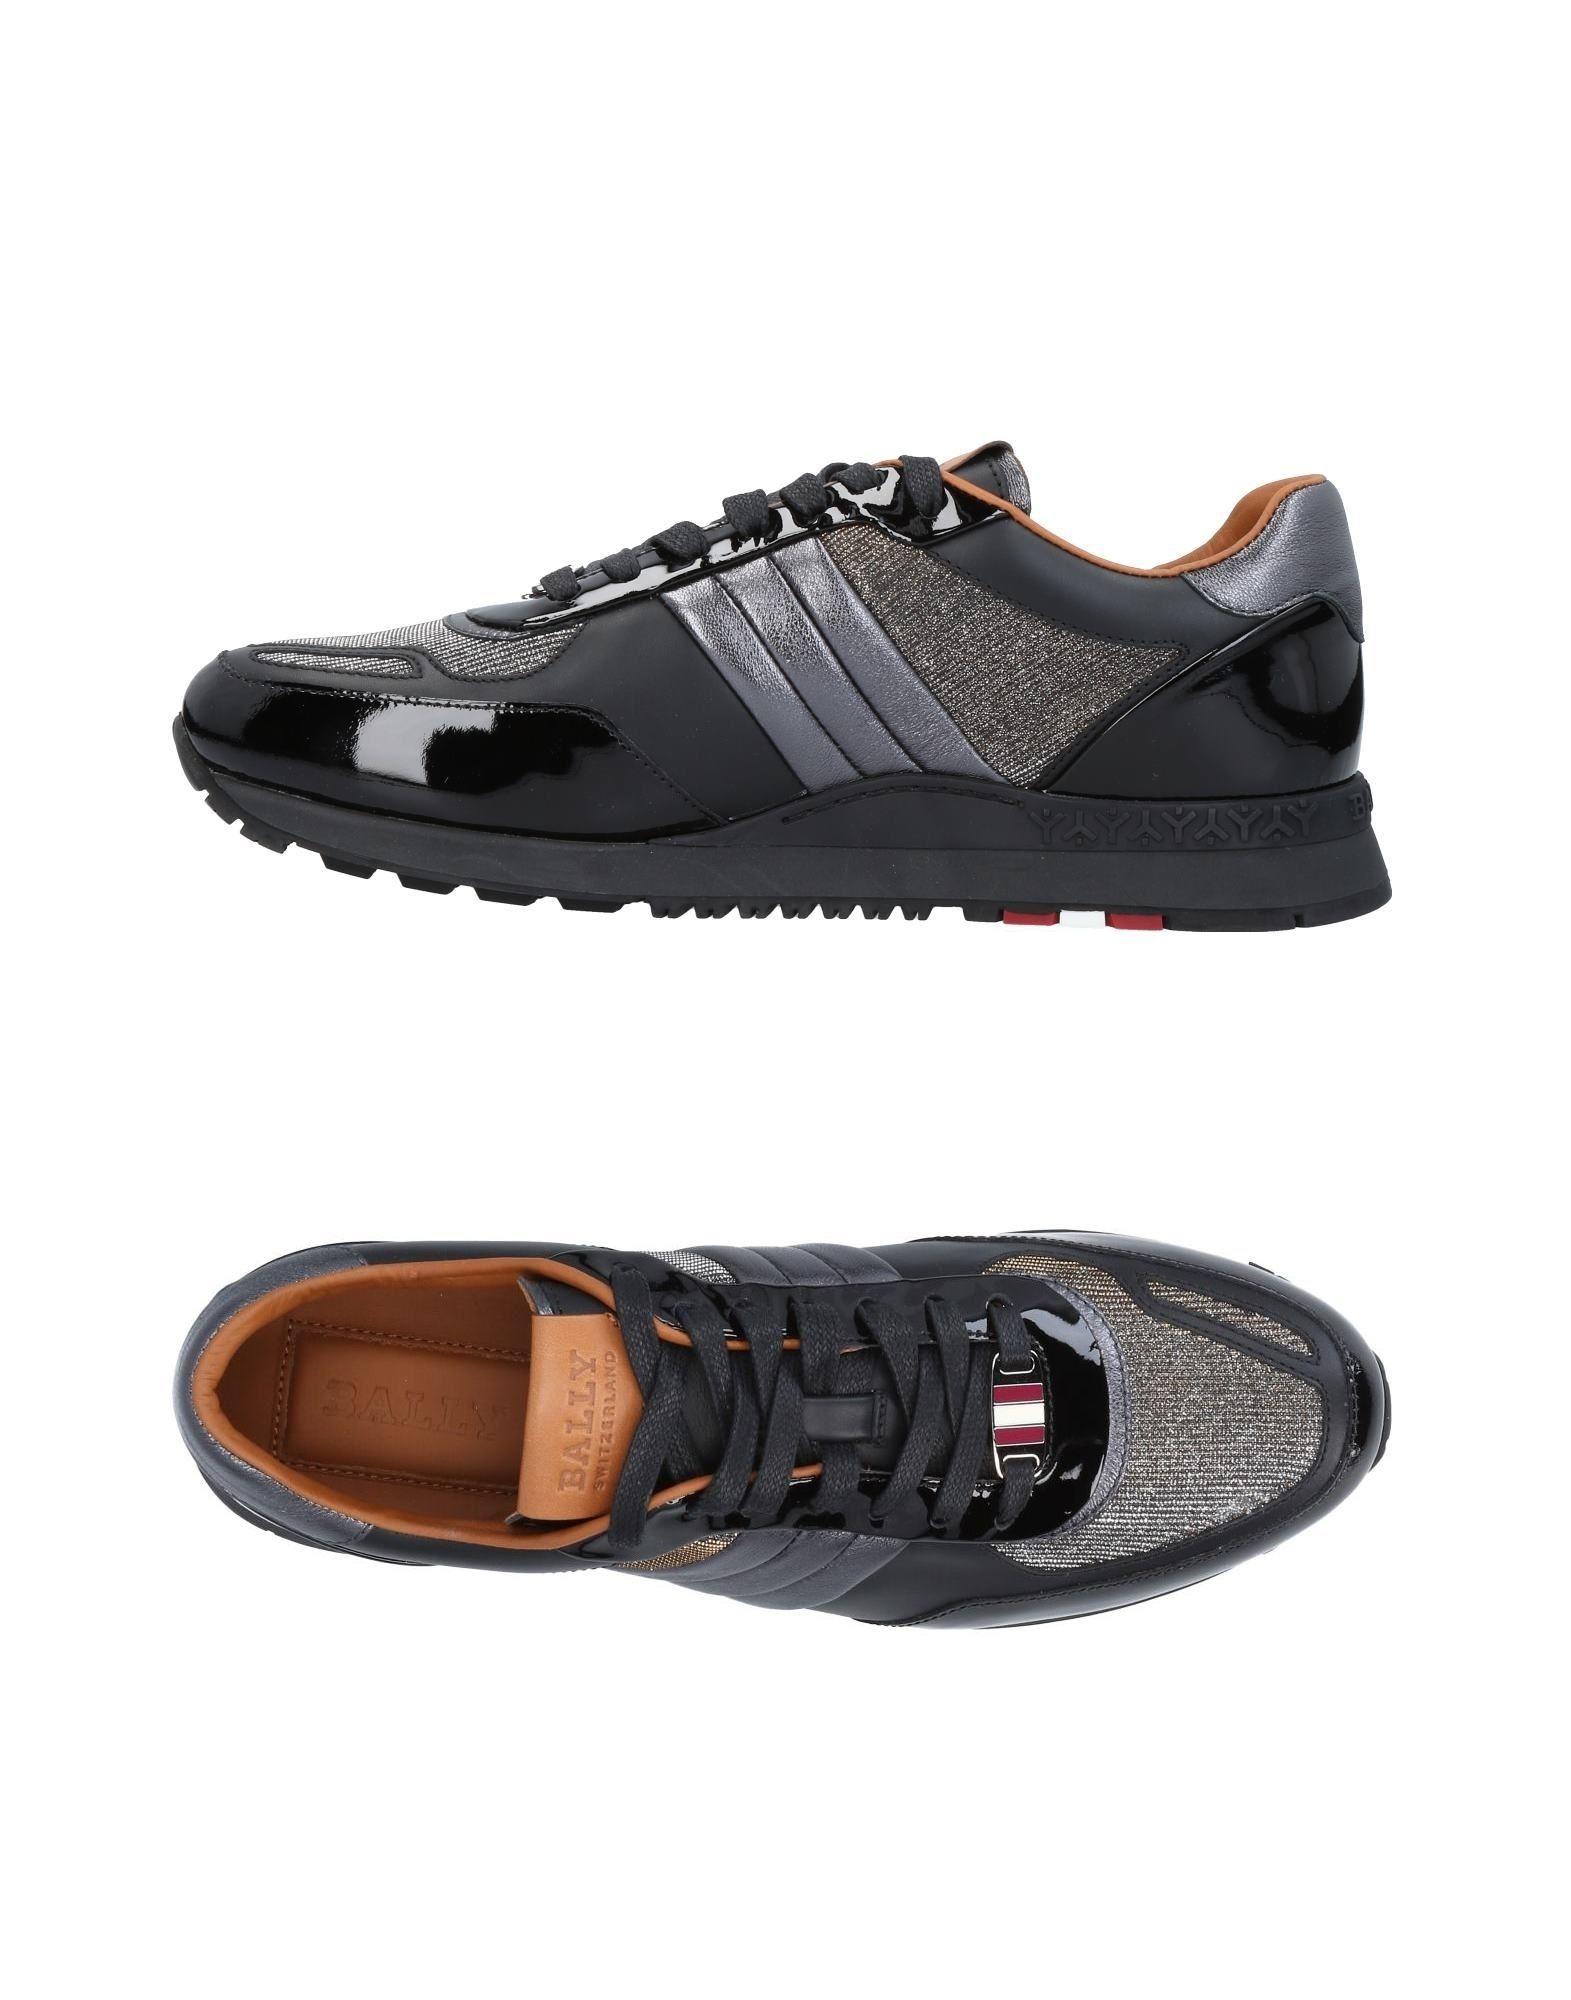 Moda Sneakers Bally Donna - 11461428CA 11461428CA - 073f9a